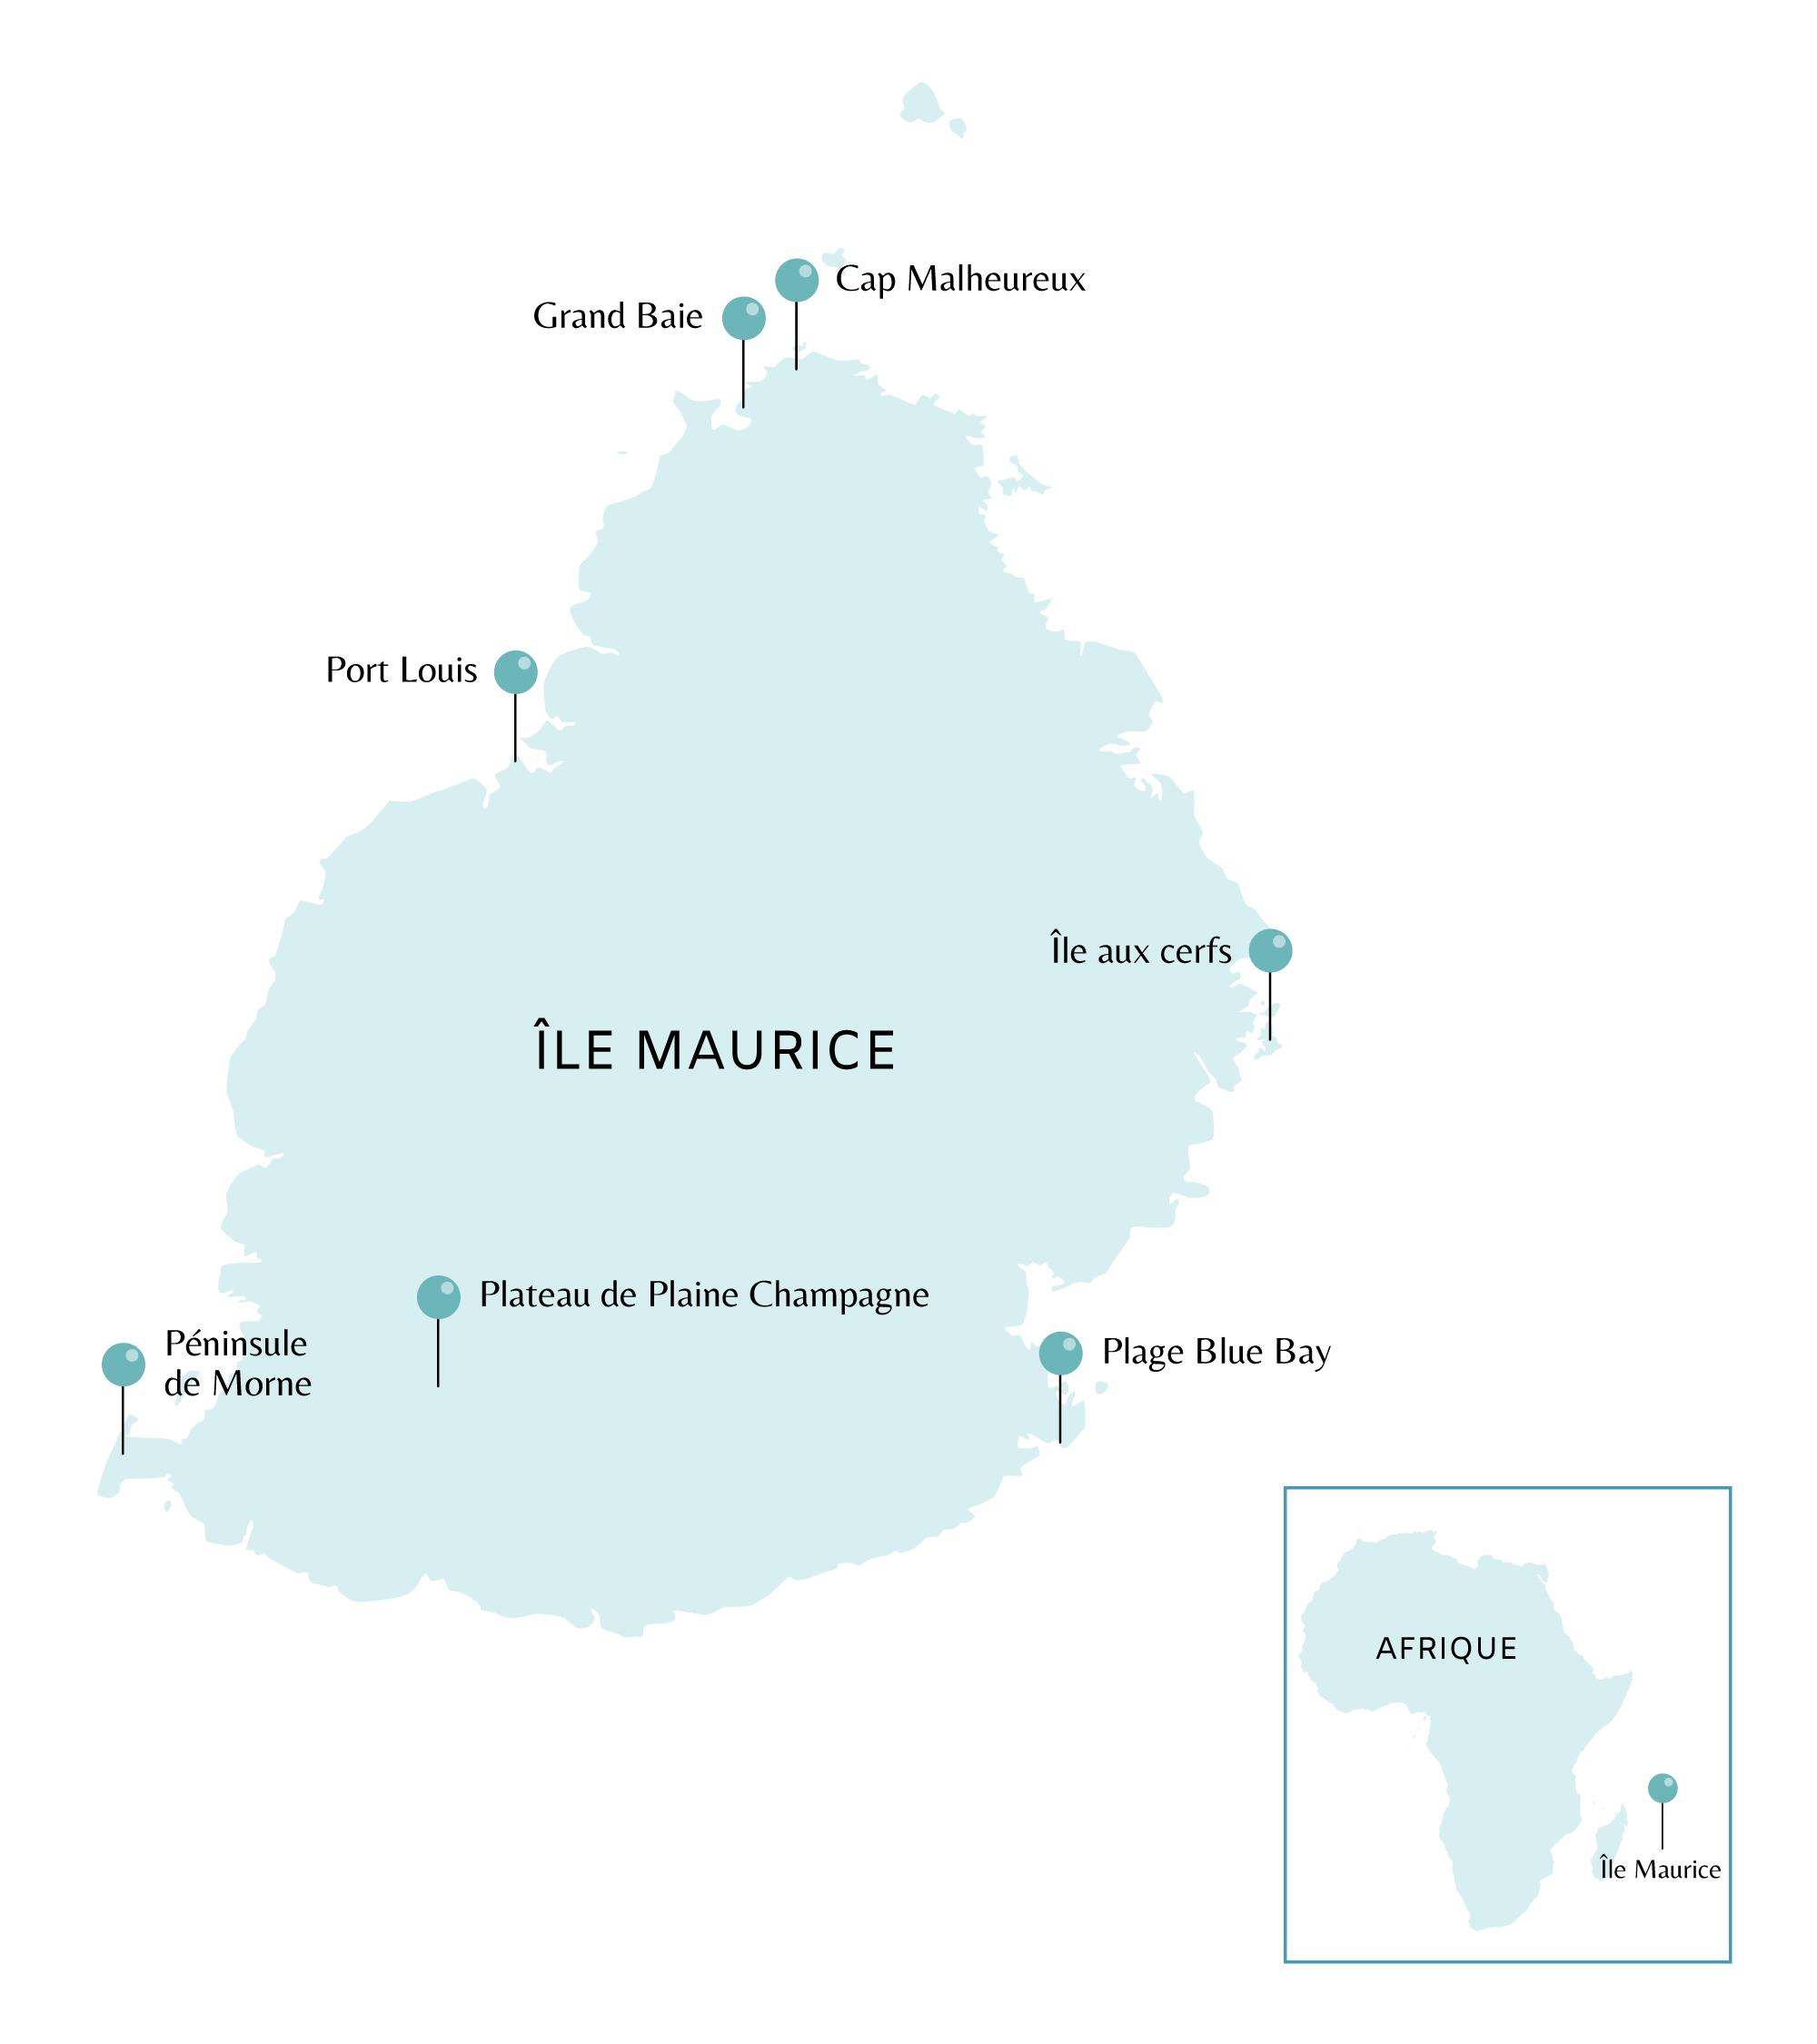 Carte des coups de coeur à l'île Maurice